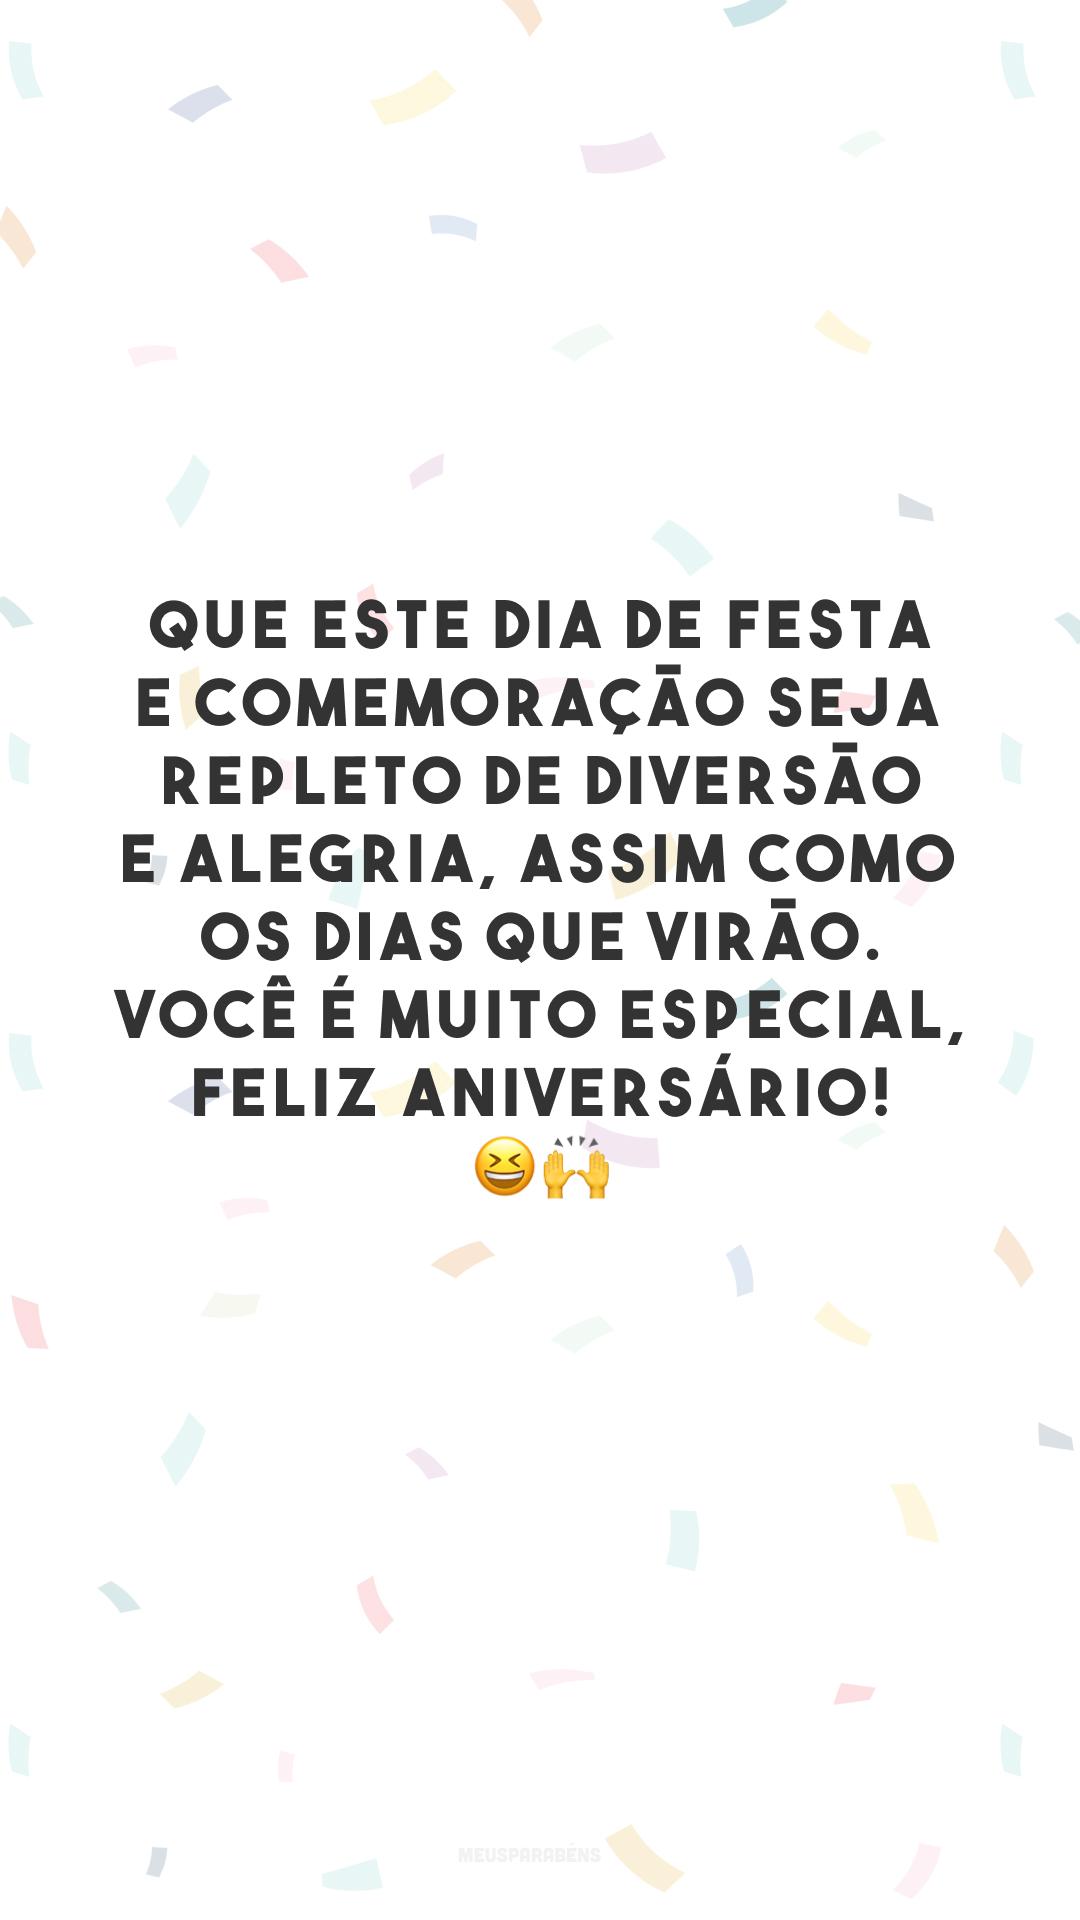 Que este dia de festa e comemoração seja repleto de diversão e alegria, assim como os dias que virão. Você é muito especial, feliz aniversário! ??